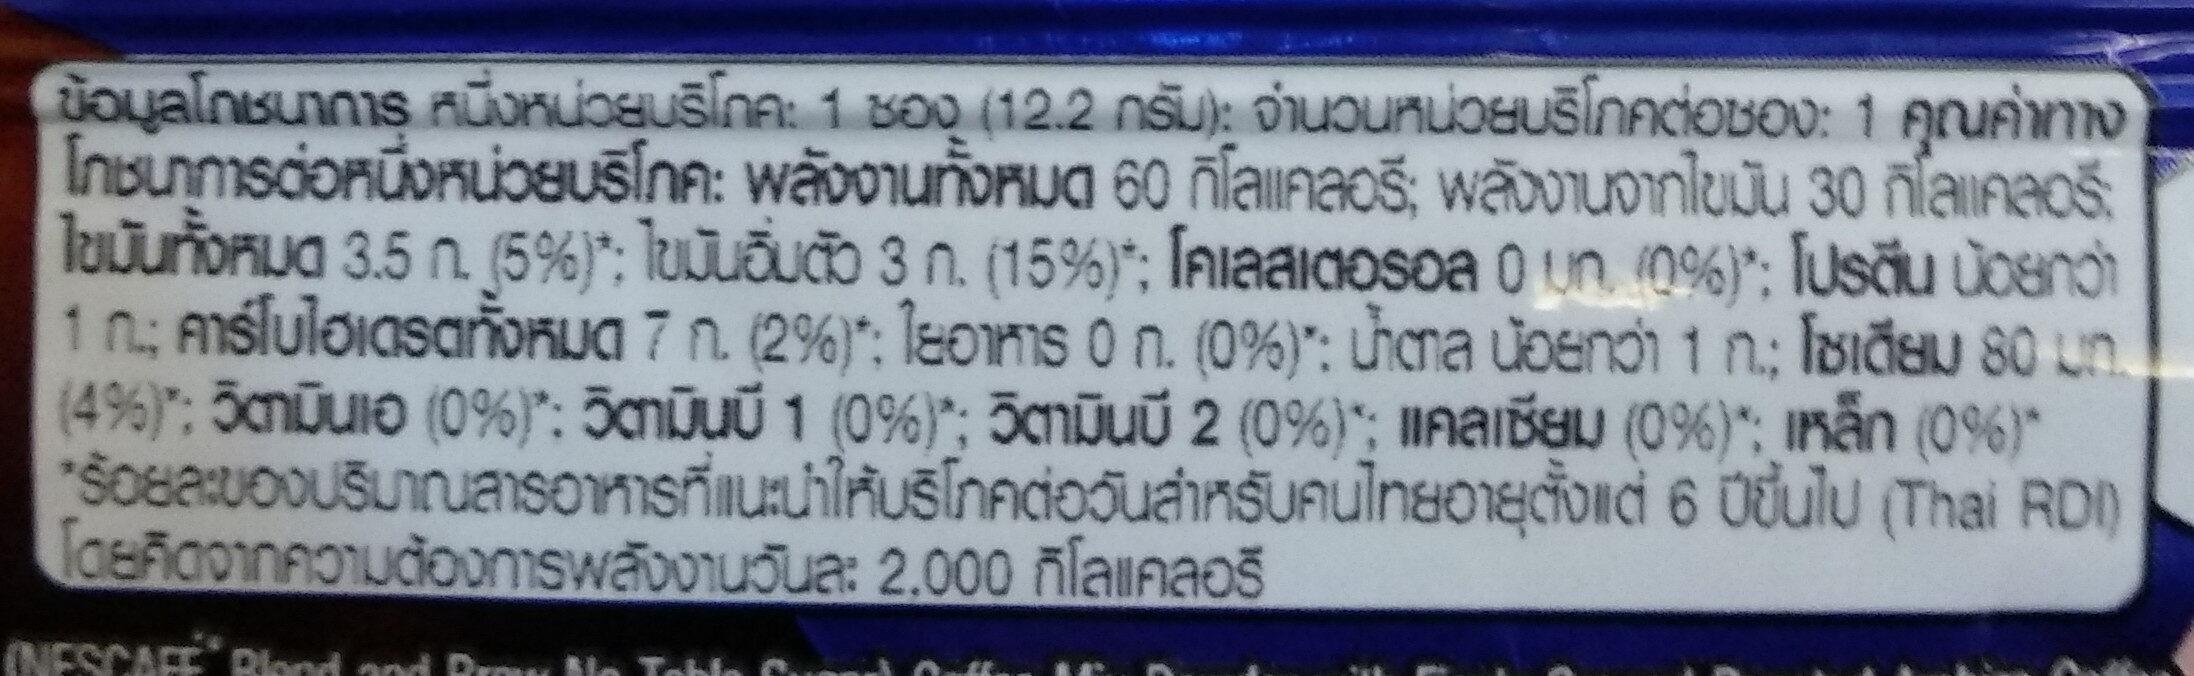 เนสกาแฟ เบลนด์ แอนด์ บลิว สูตรไม่เติมน้ำตาล - Nutrition facts